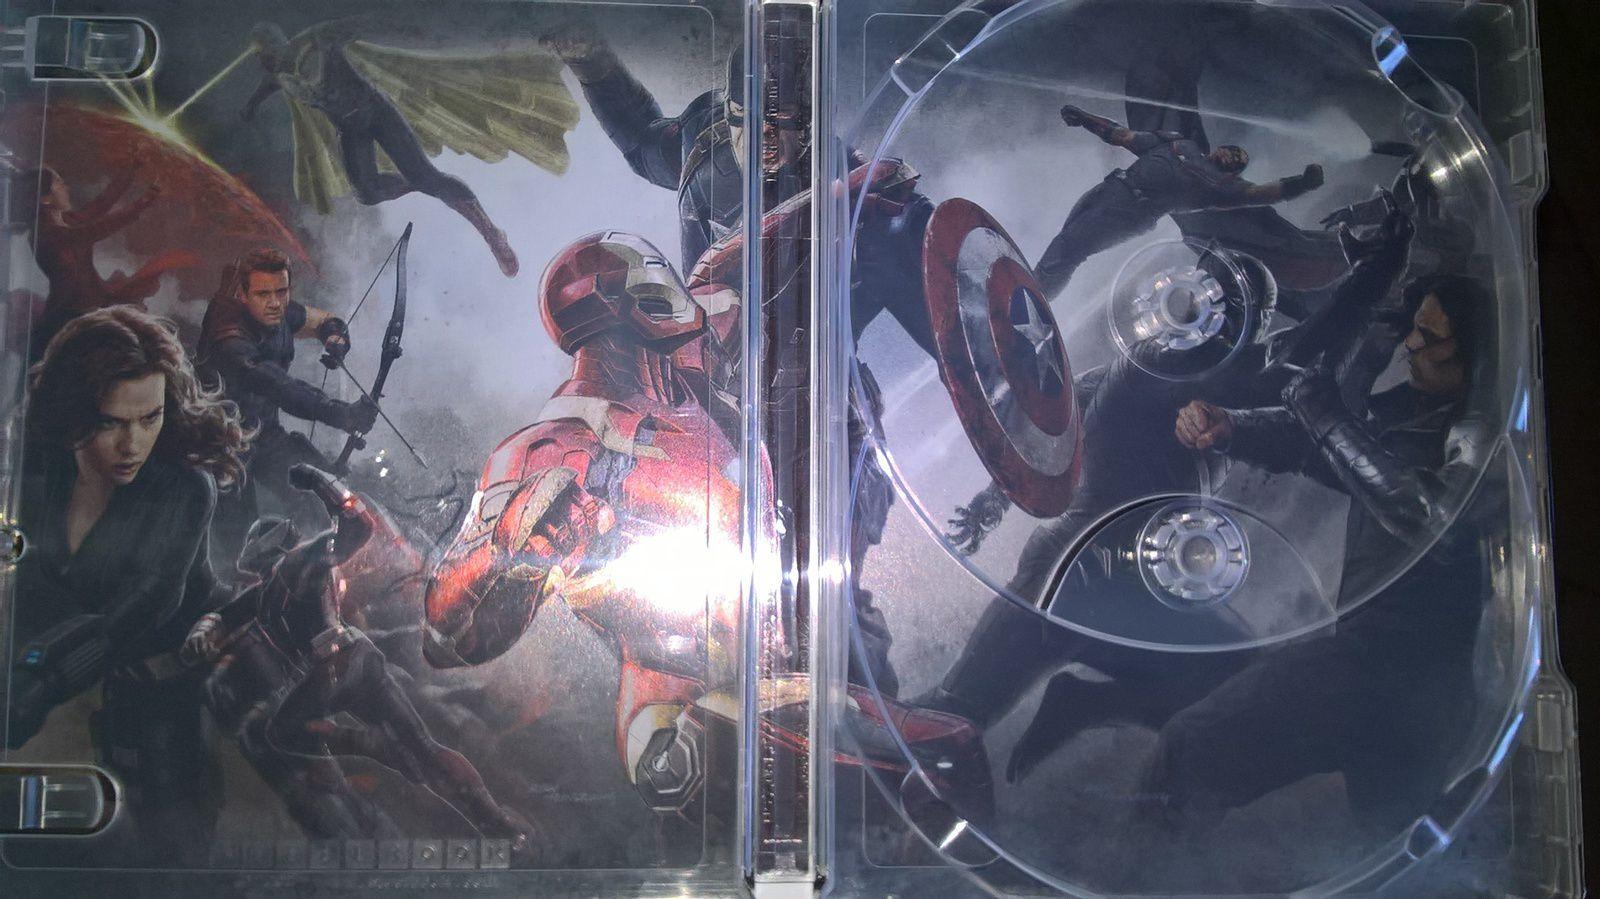 C'est aujourd'hui 5 octobre 2016 que sort le film évènement de Marvel Studios, Captain America : Civil War. Un steelbook tout en beauté gaufré sur la face avant et avec un artwork interne, seul bémol les disques bleus non sérigraphiés, le tout accompagné d'un livret habituel d'une centaine de pages sur la post production.